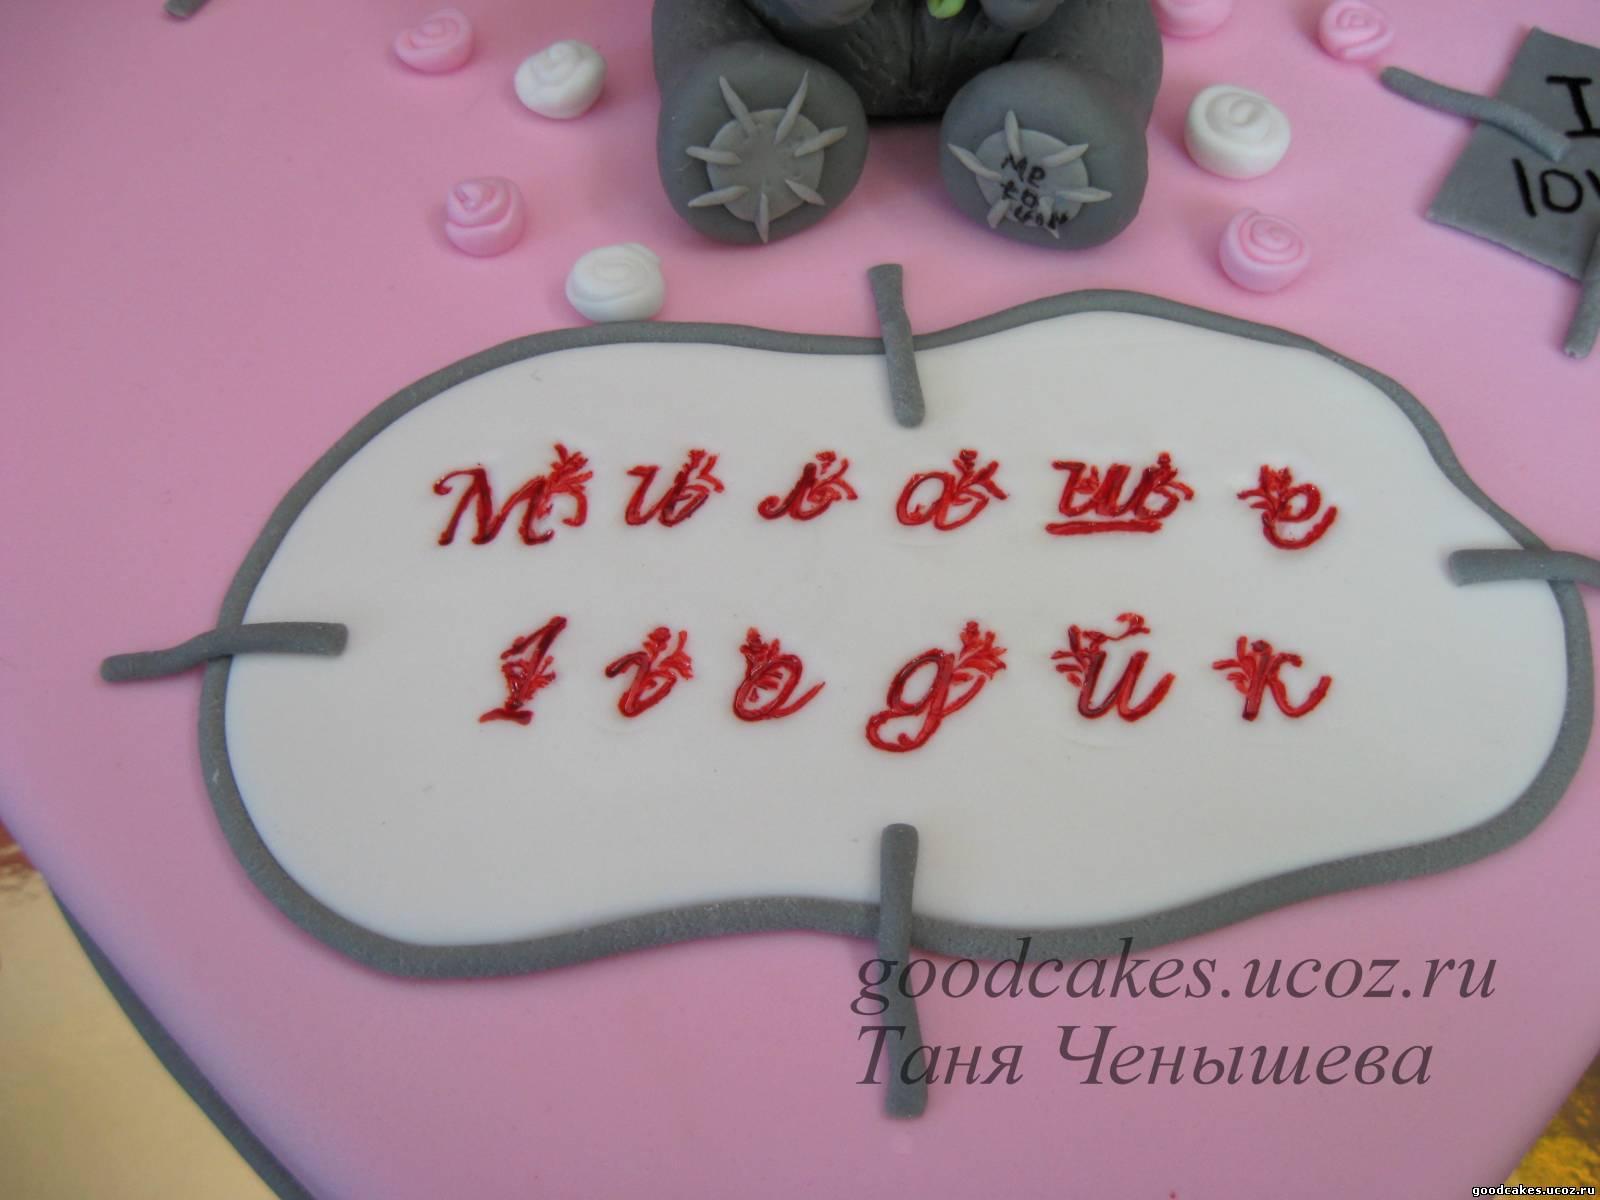 Настенные часы с фотографией на заказ в москве